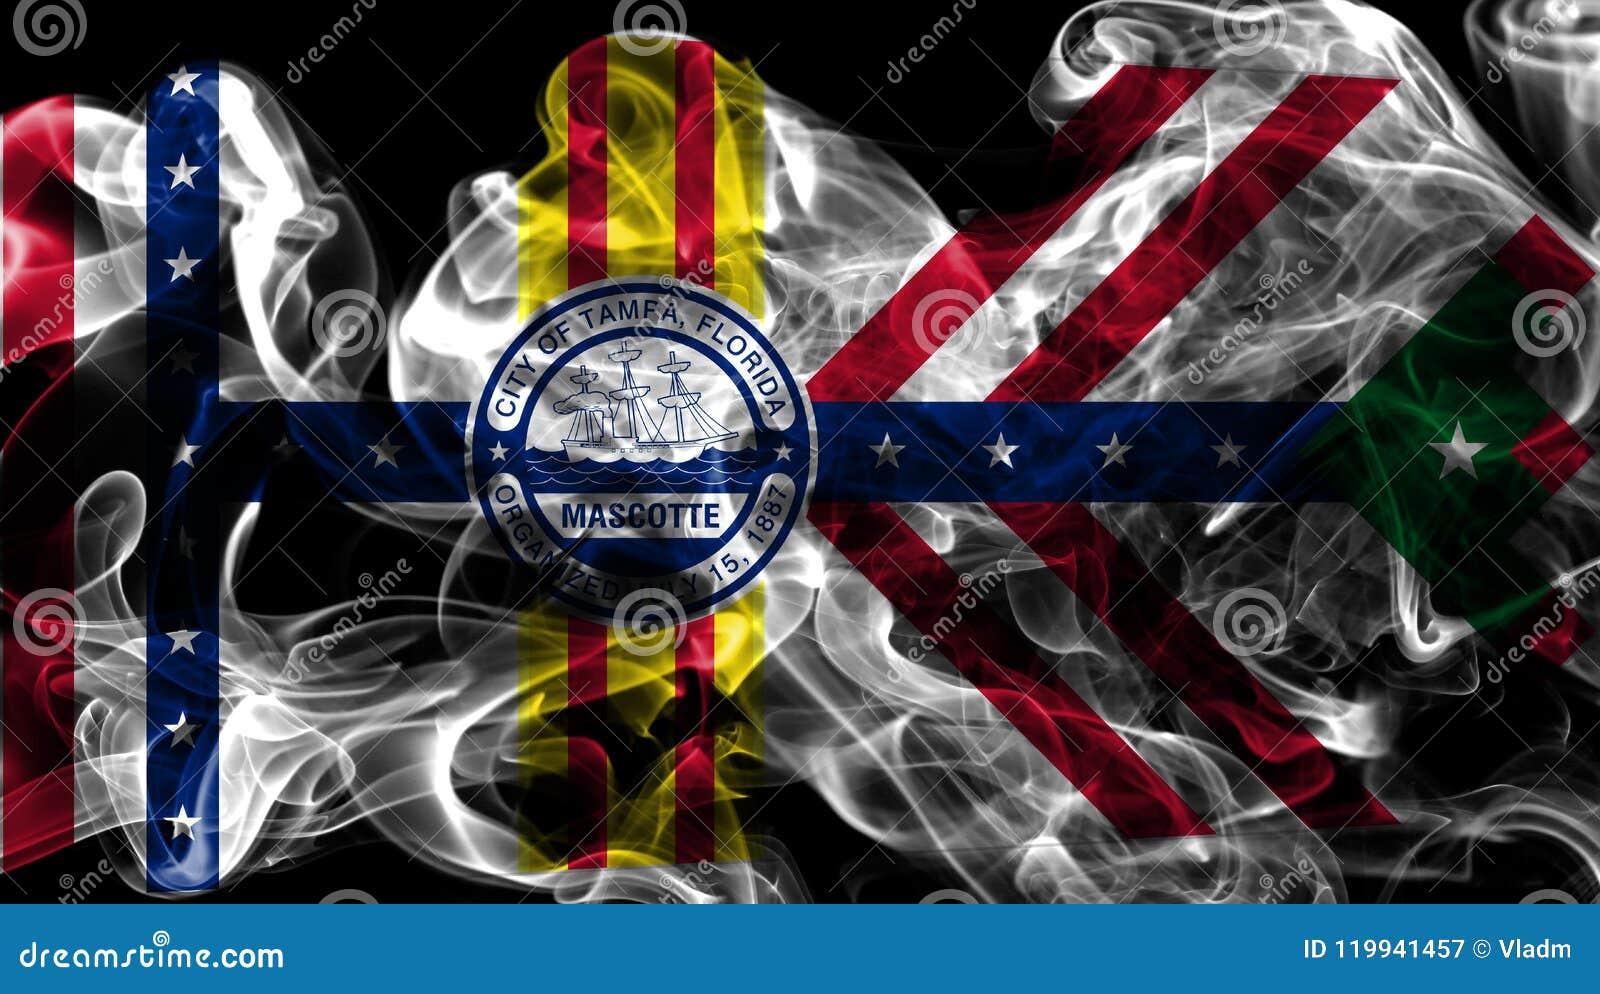 坦帕市烟旗子,佛罗里达状态,美利坚合众国